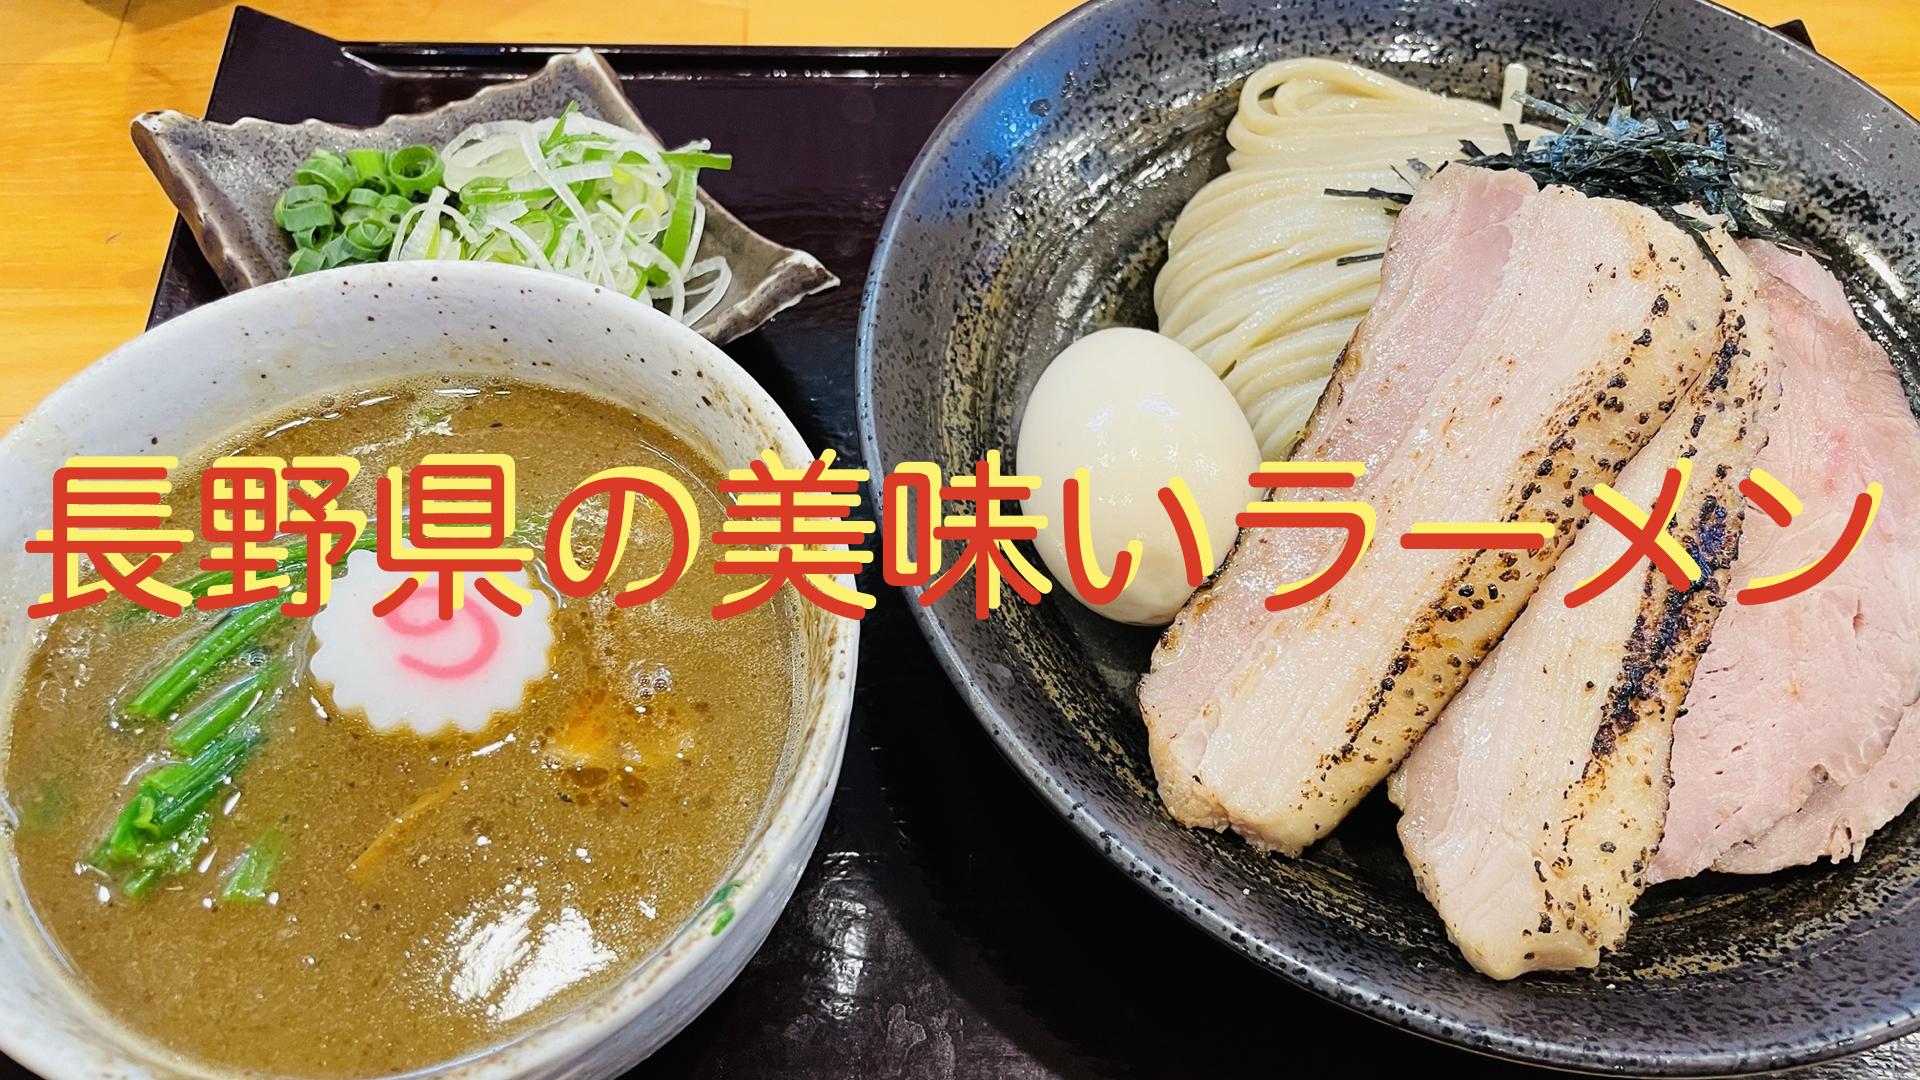 長野県の美味いラーメン